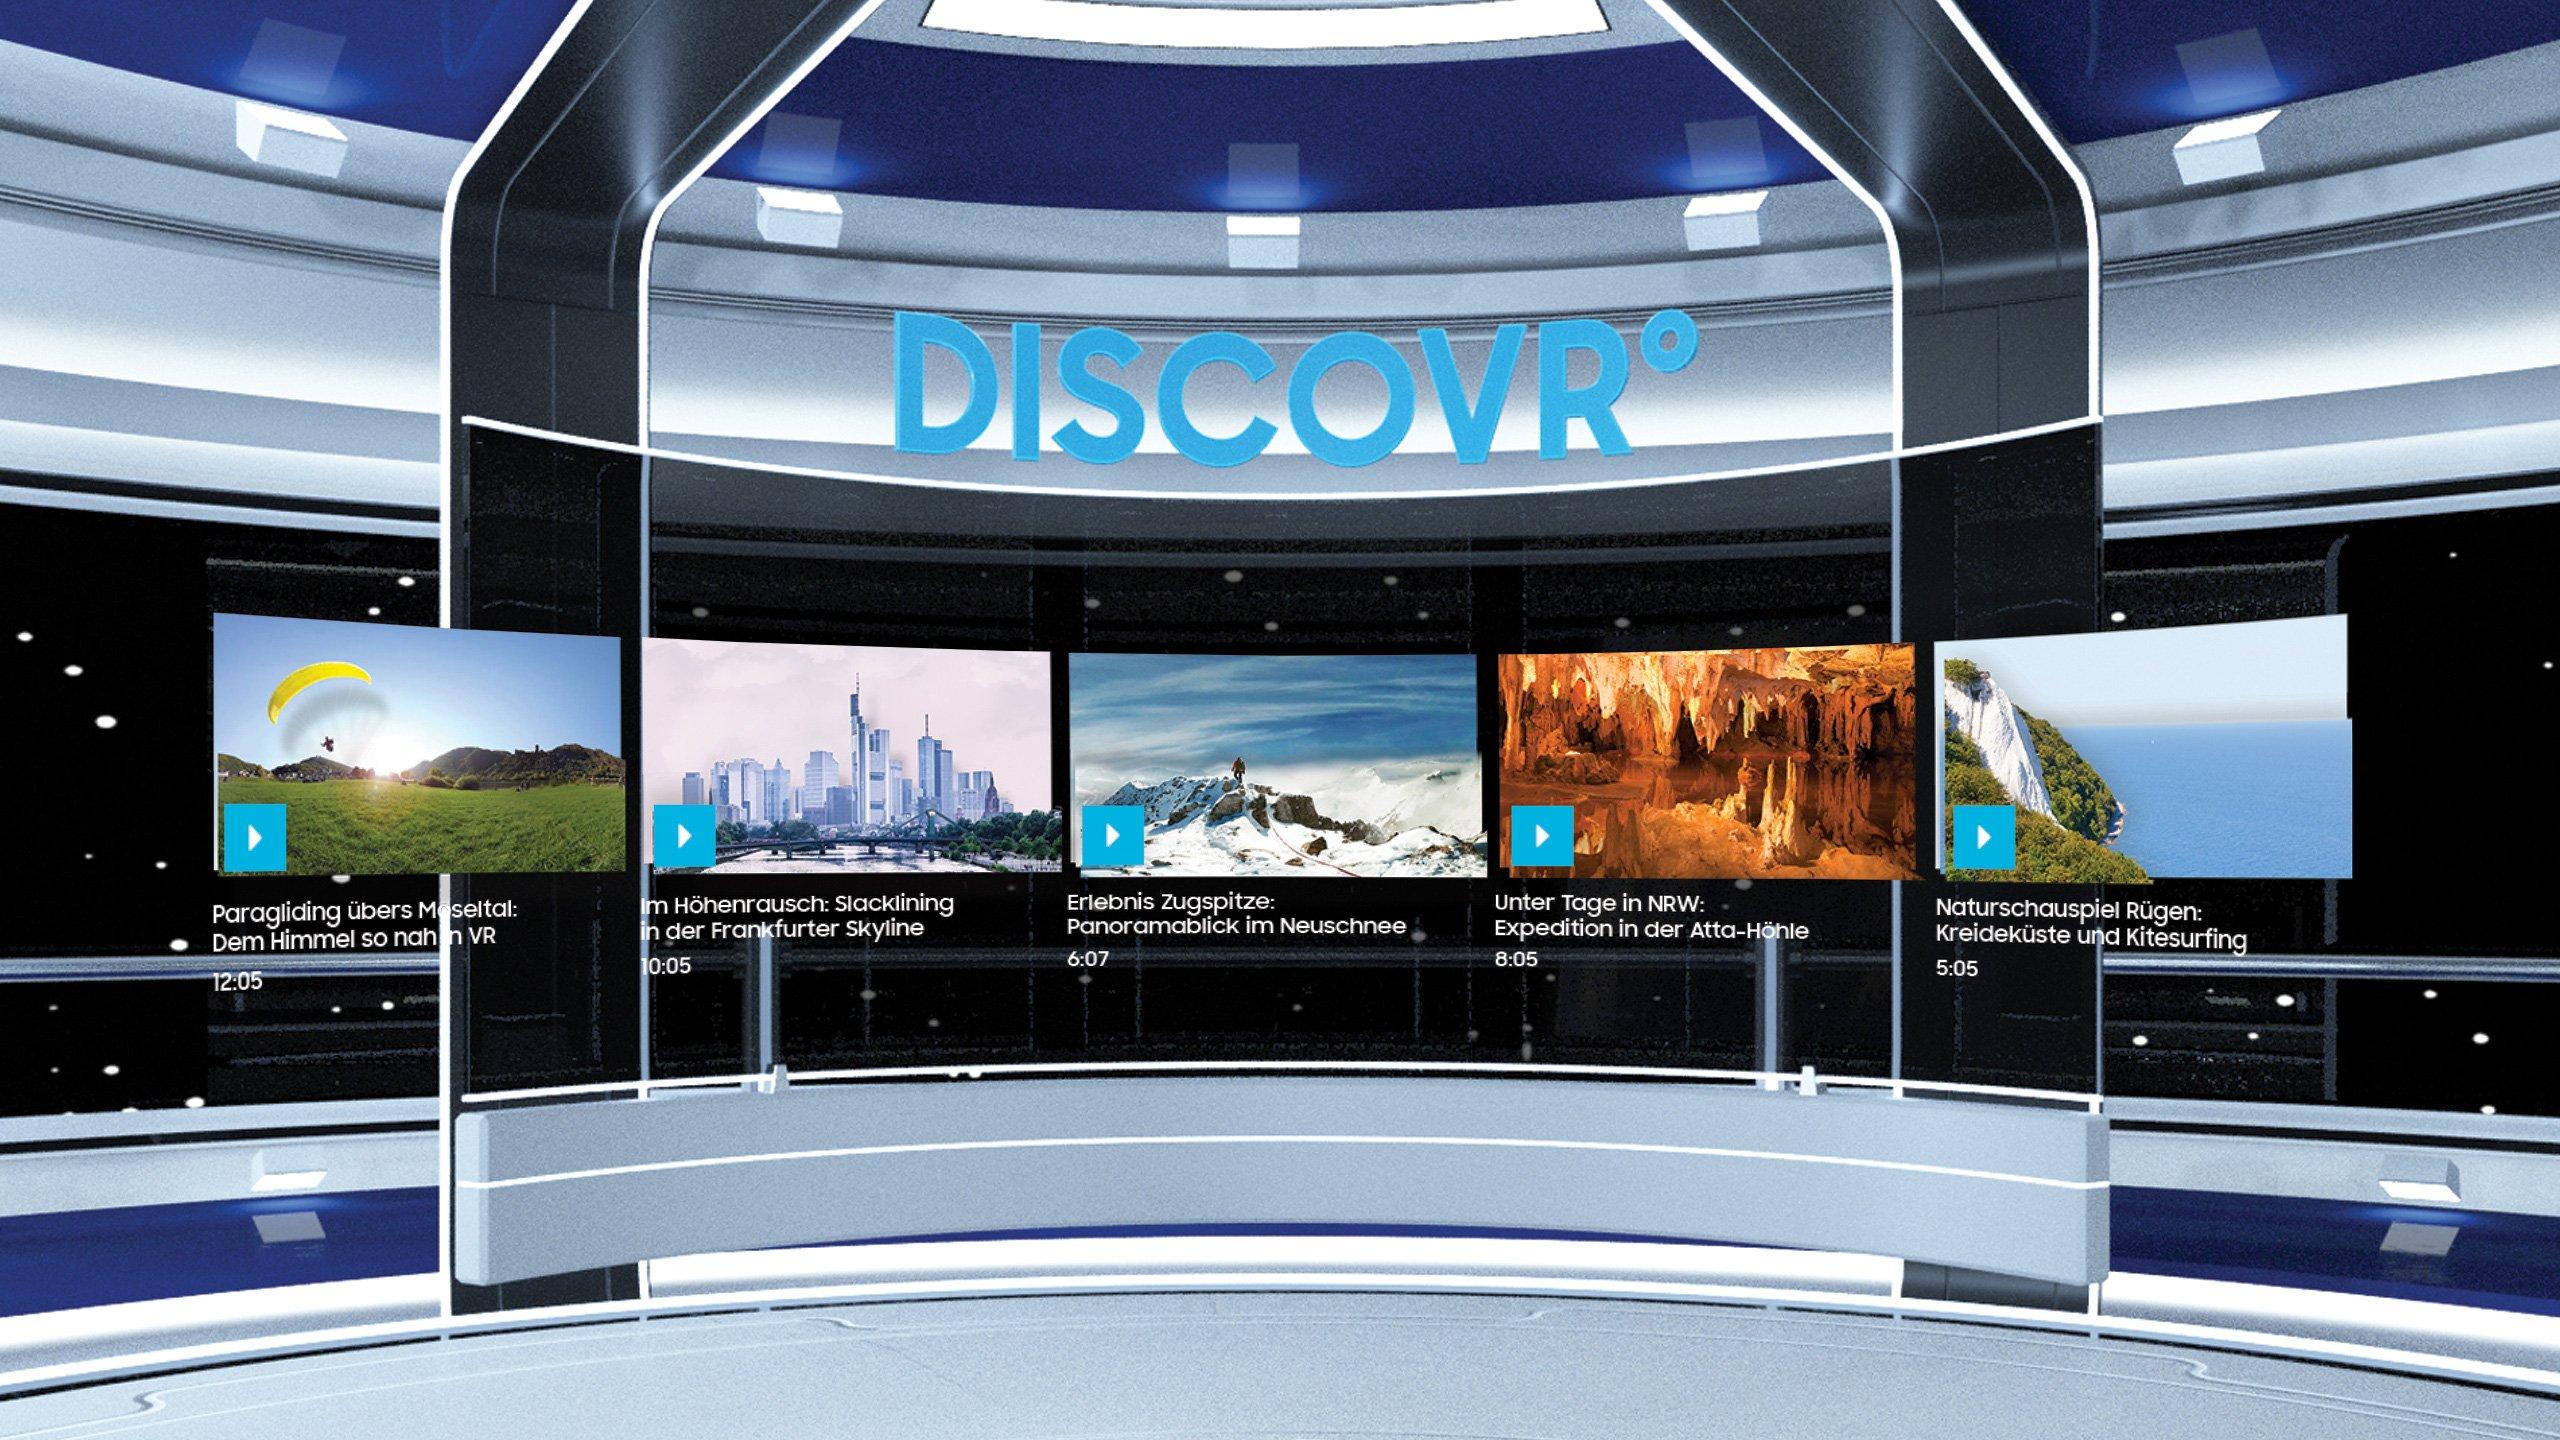 Samsung Disvovr App